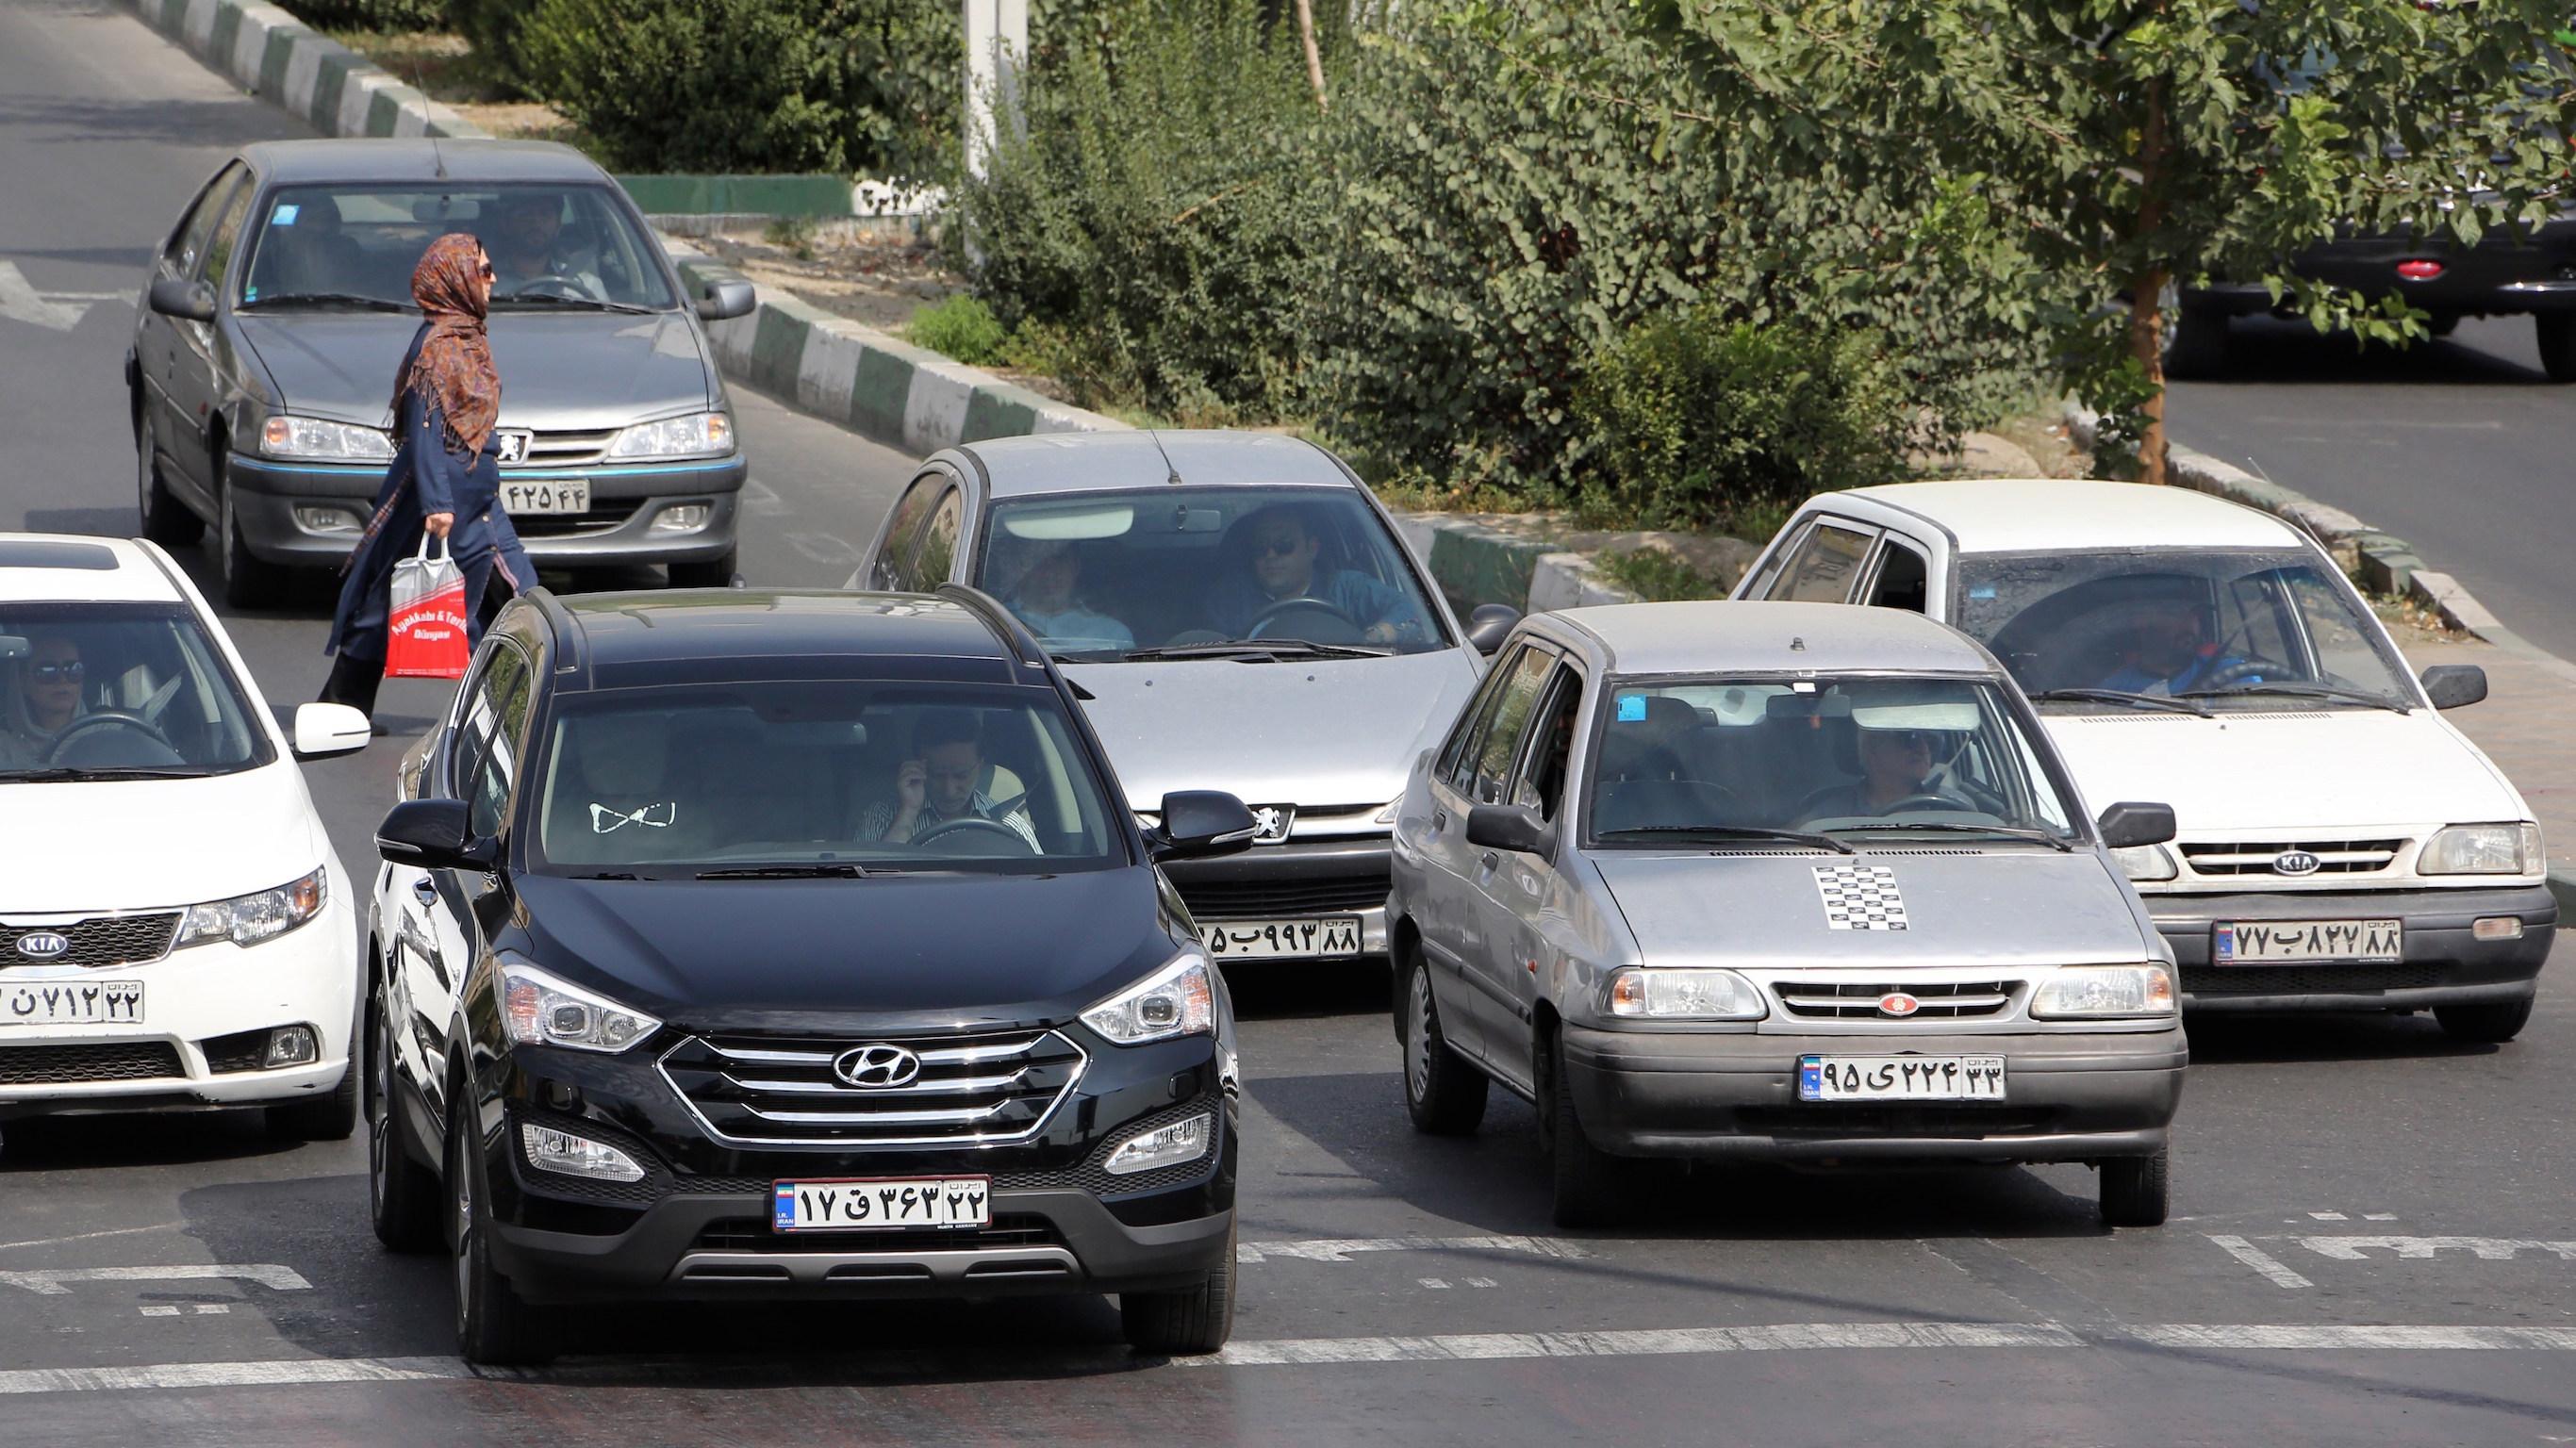 گزارش - اثرات سبک شدن وزن دلار بر قیمت خودرو؛ نرخ ارز حرف اول را در بازار کالاهای ساخت داخل میزند